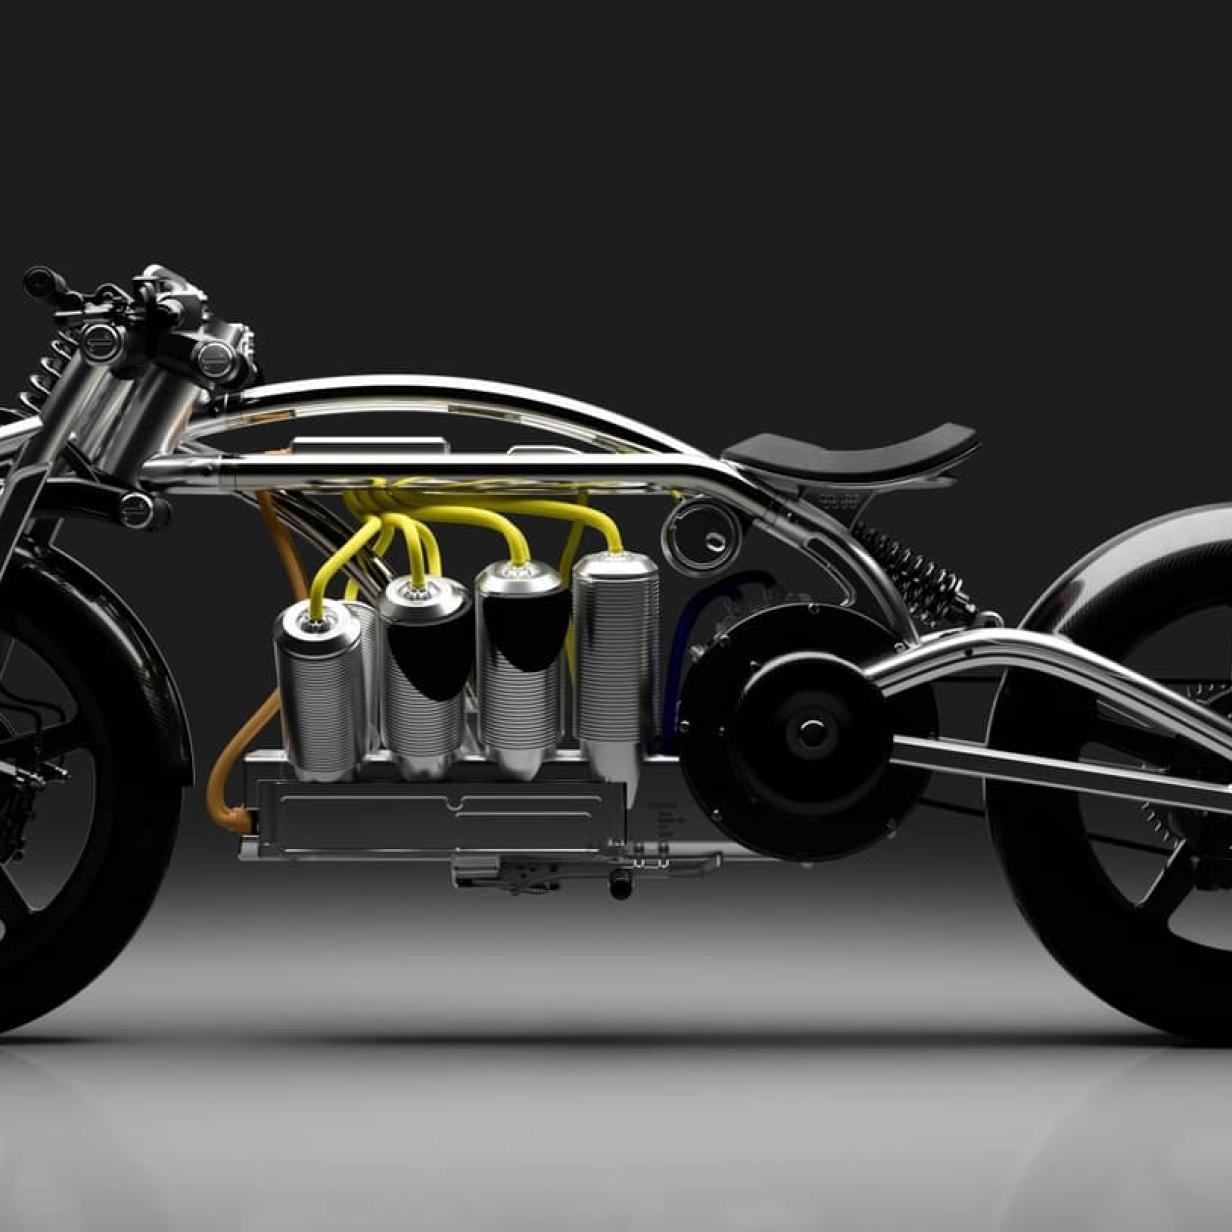 Spektakuläres E-Motorrad im Retro-Design mit V8-Akku präsentiert